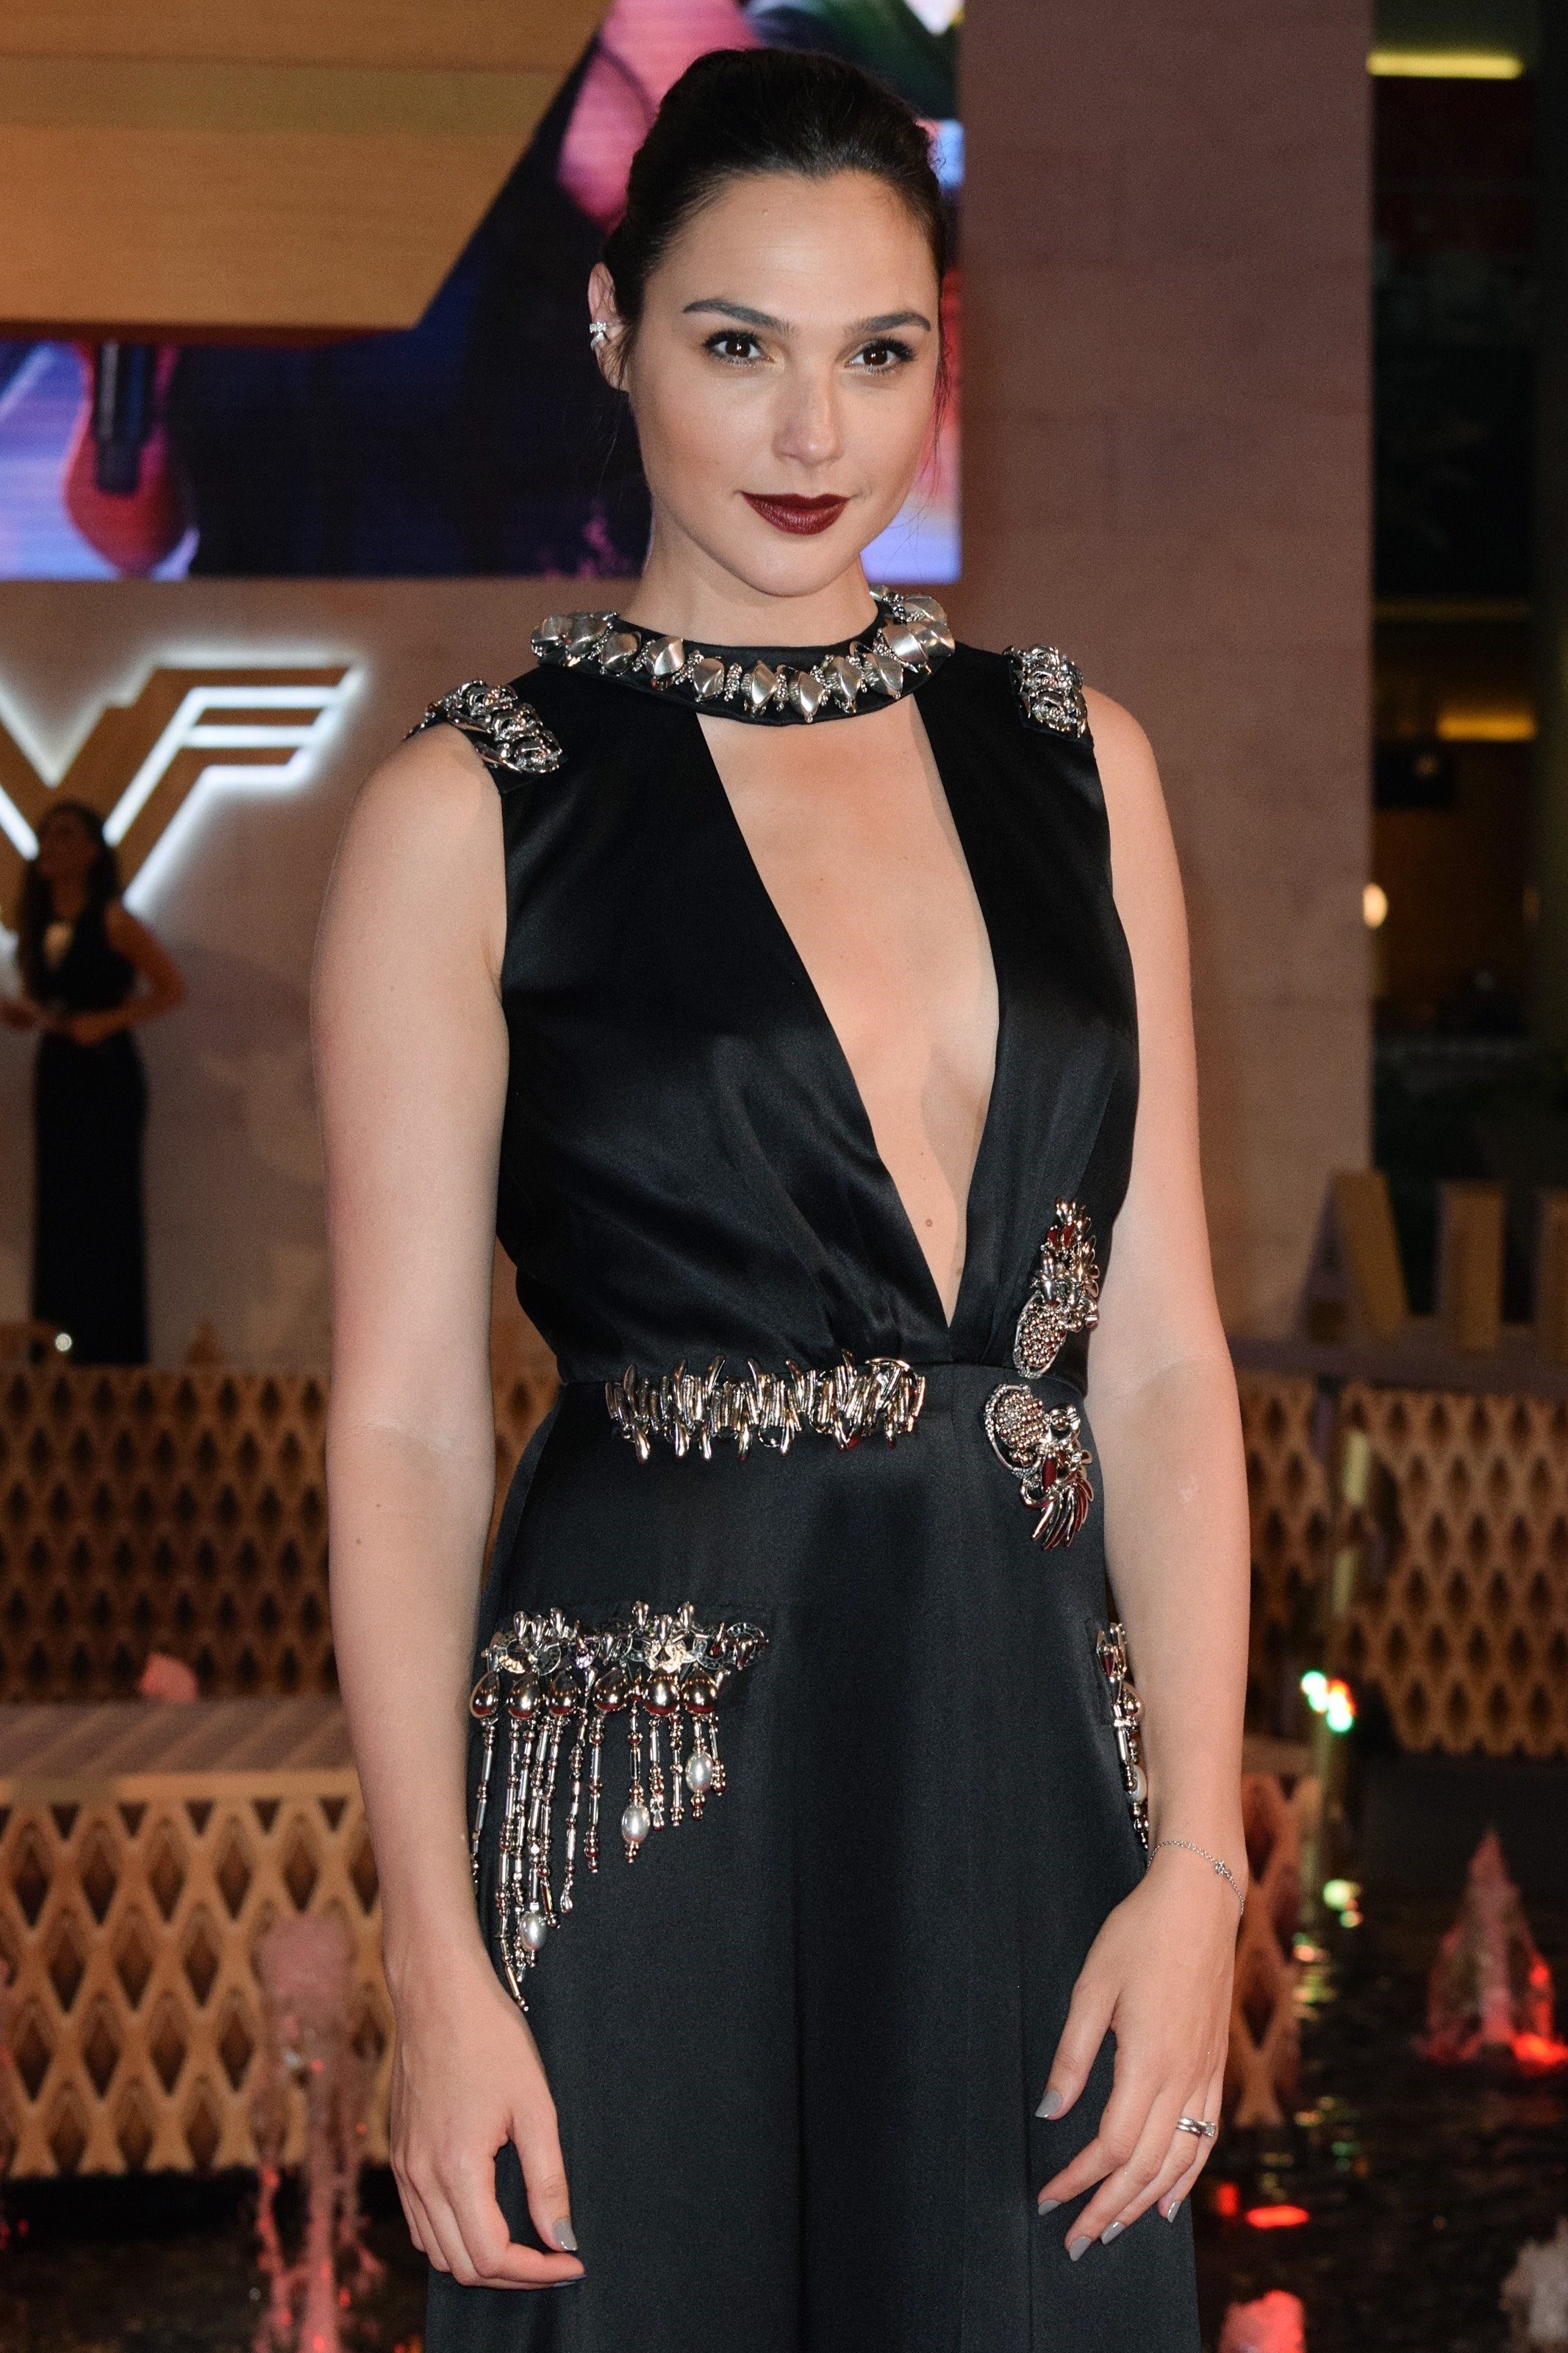 Гал Гадот супер сексуальная актриса из Израиля